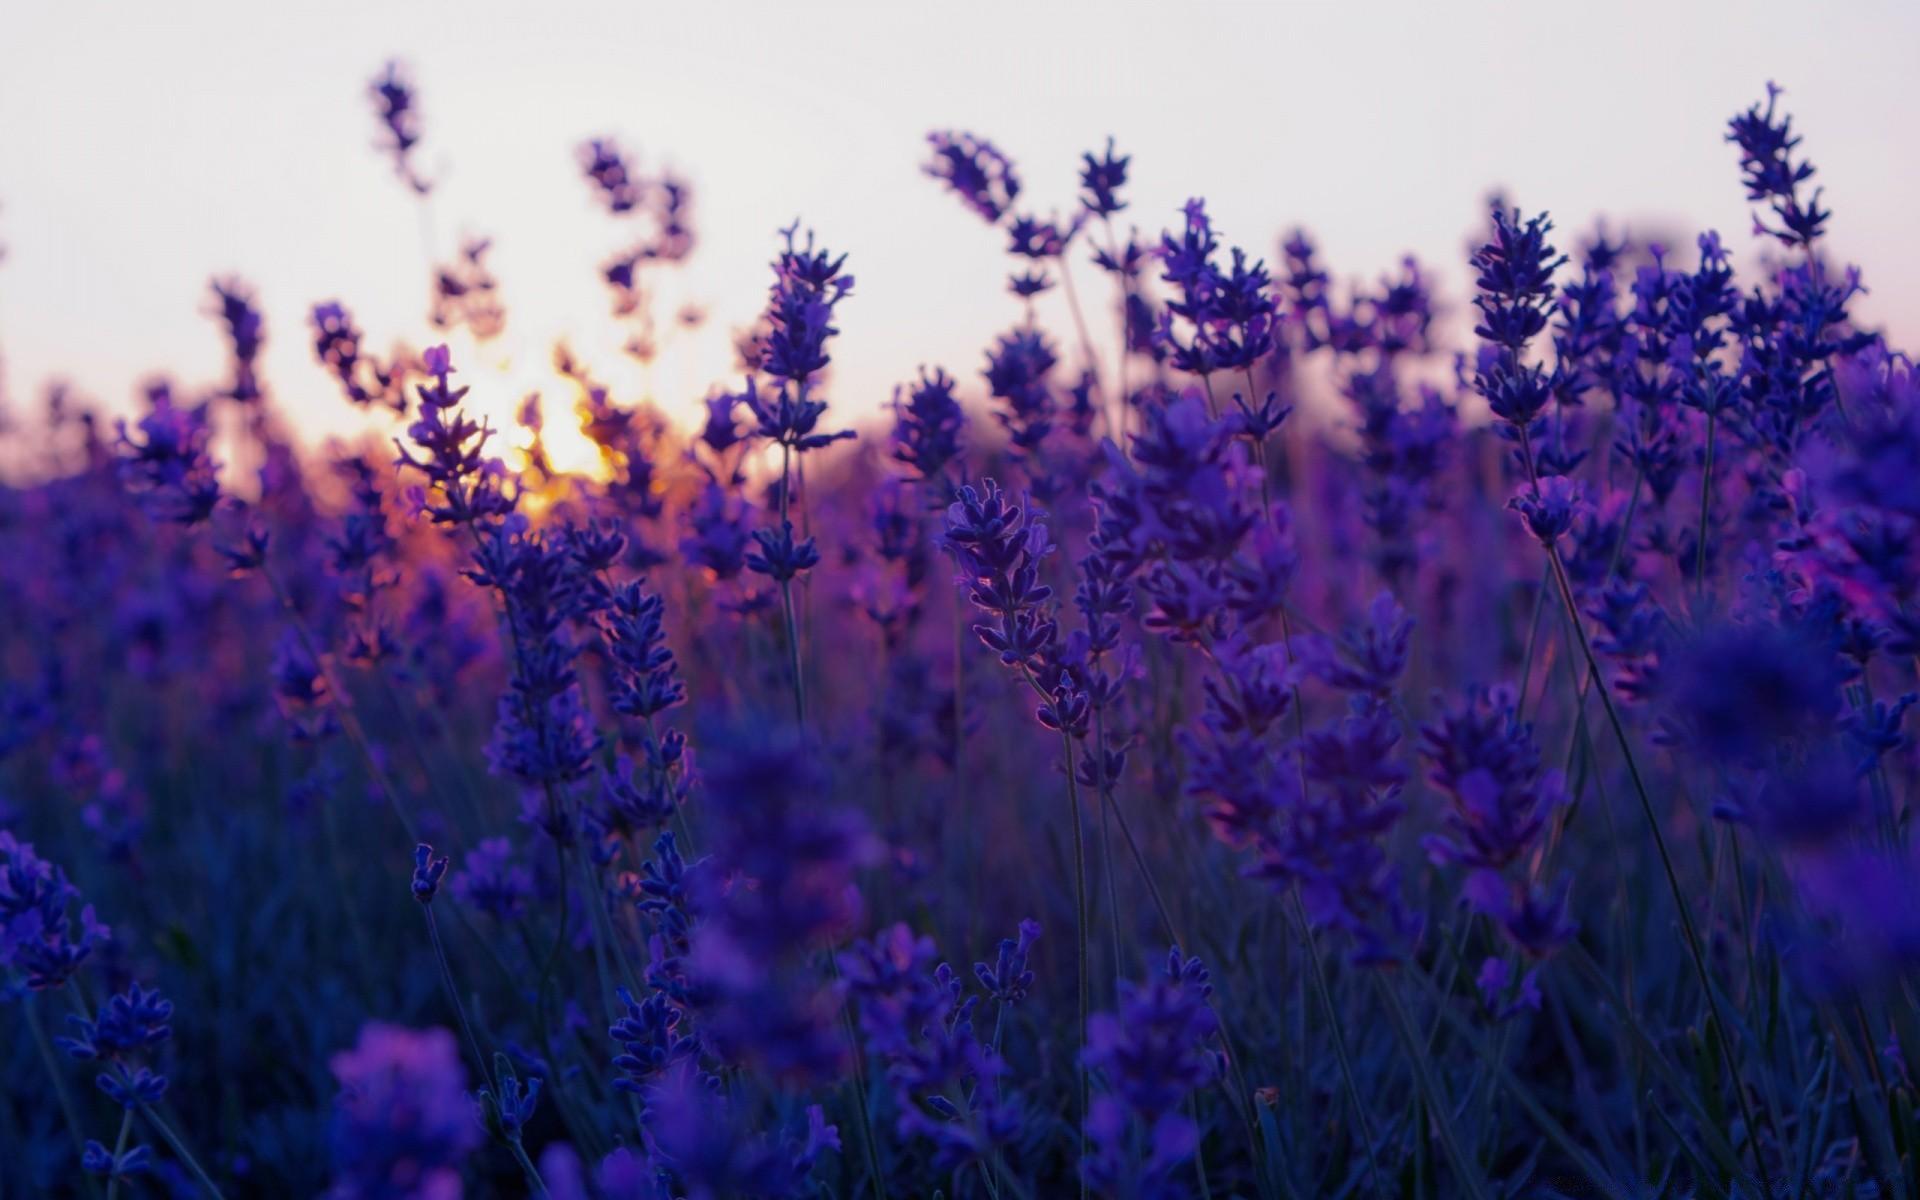 Ребенок, красивые фиолетовые картинки тумблер